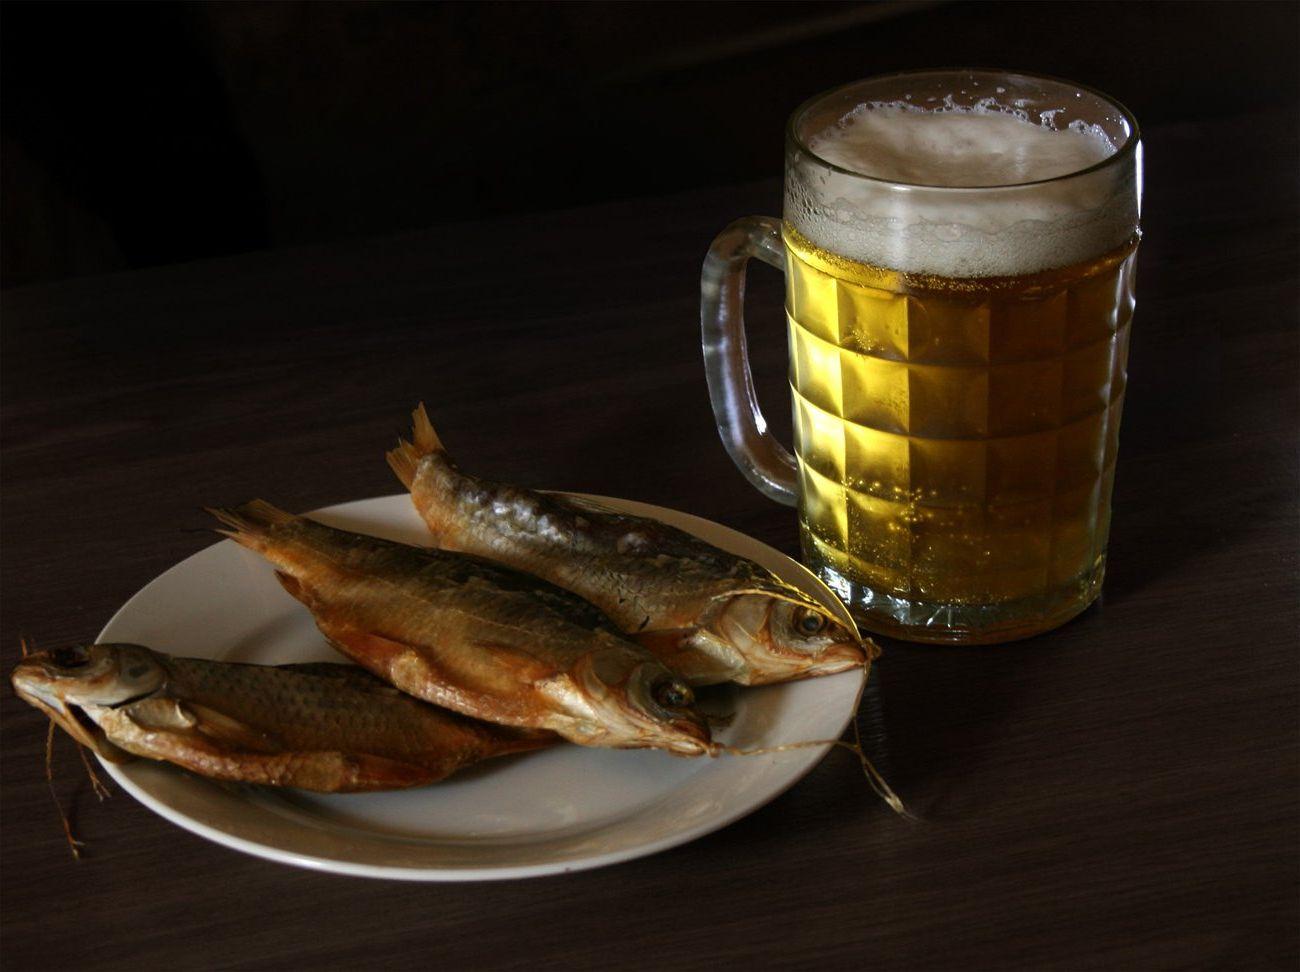 Картинки пива и рыбы в хорошем разрешении, дня картинки надписями